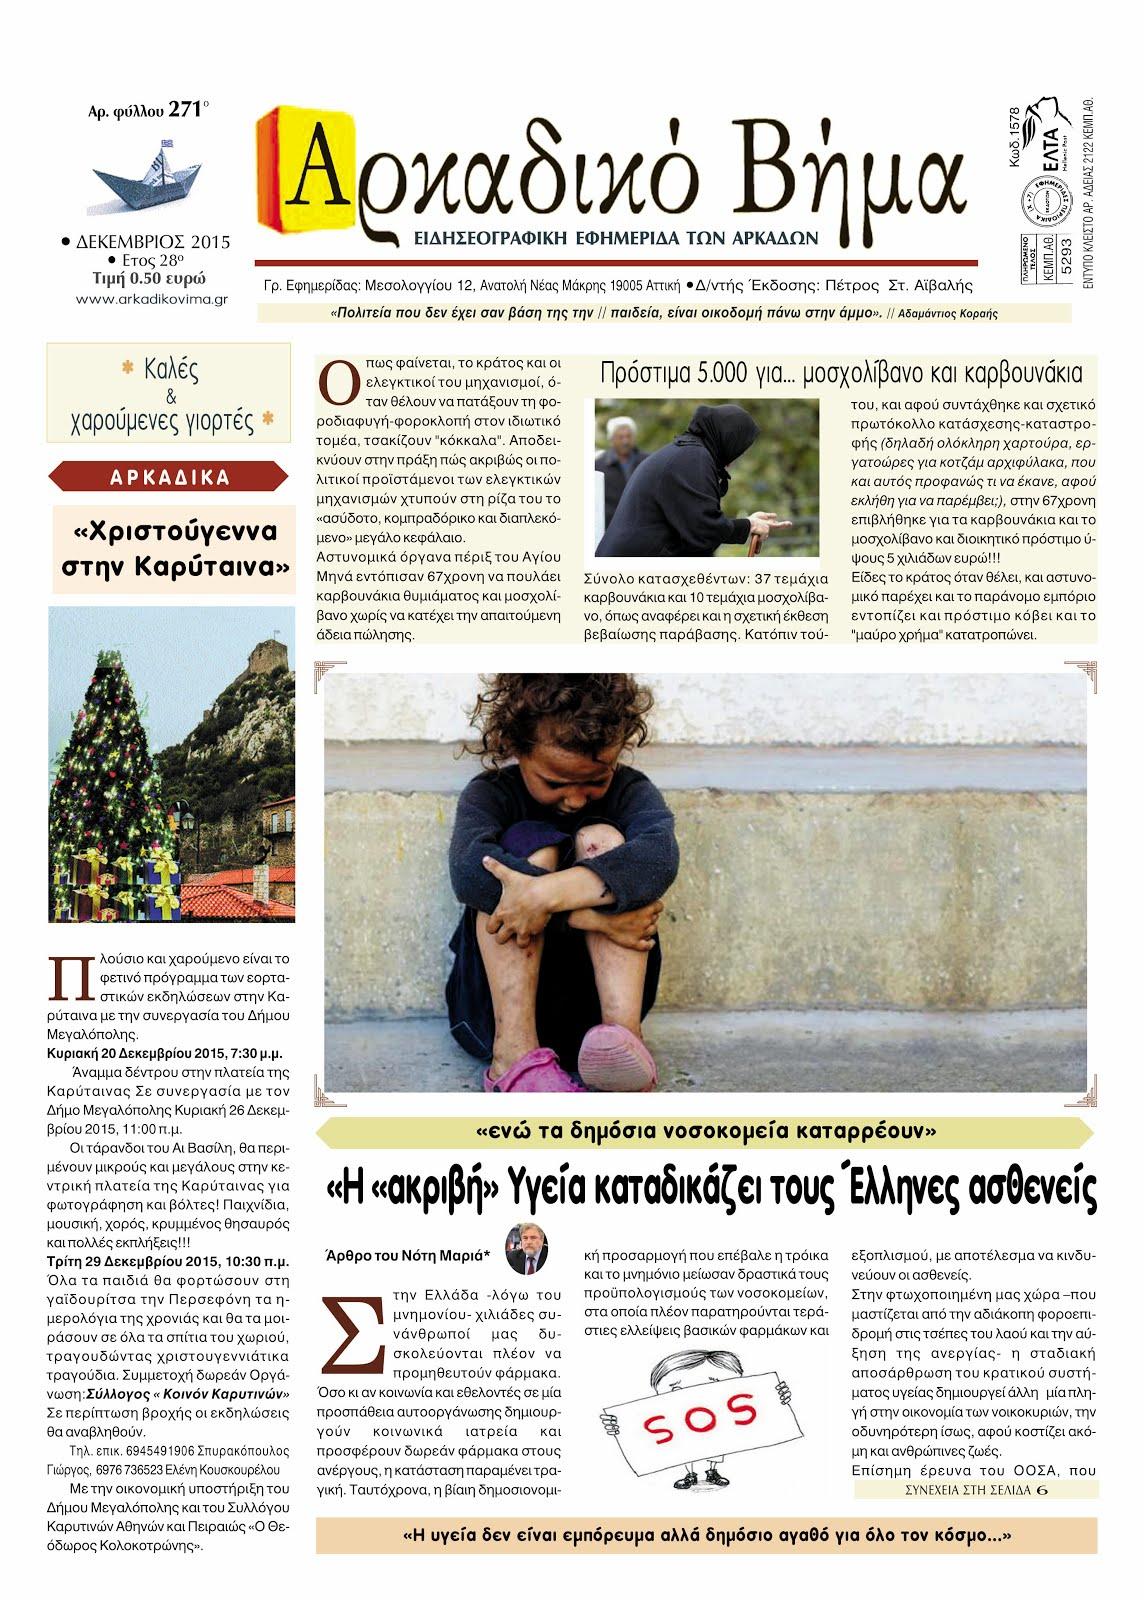 """Αρκαδικό Βήμα - Αρκαδικό Βήμα: Η """"ακριβή"""" Υγεία καταδικάζει τους 'Ελληνες ασθενείς"""